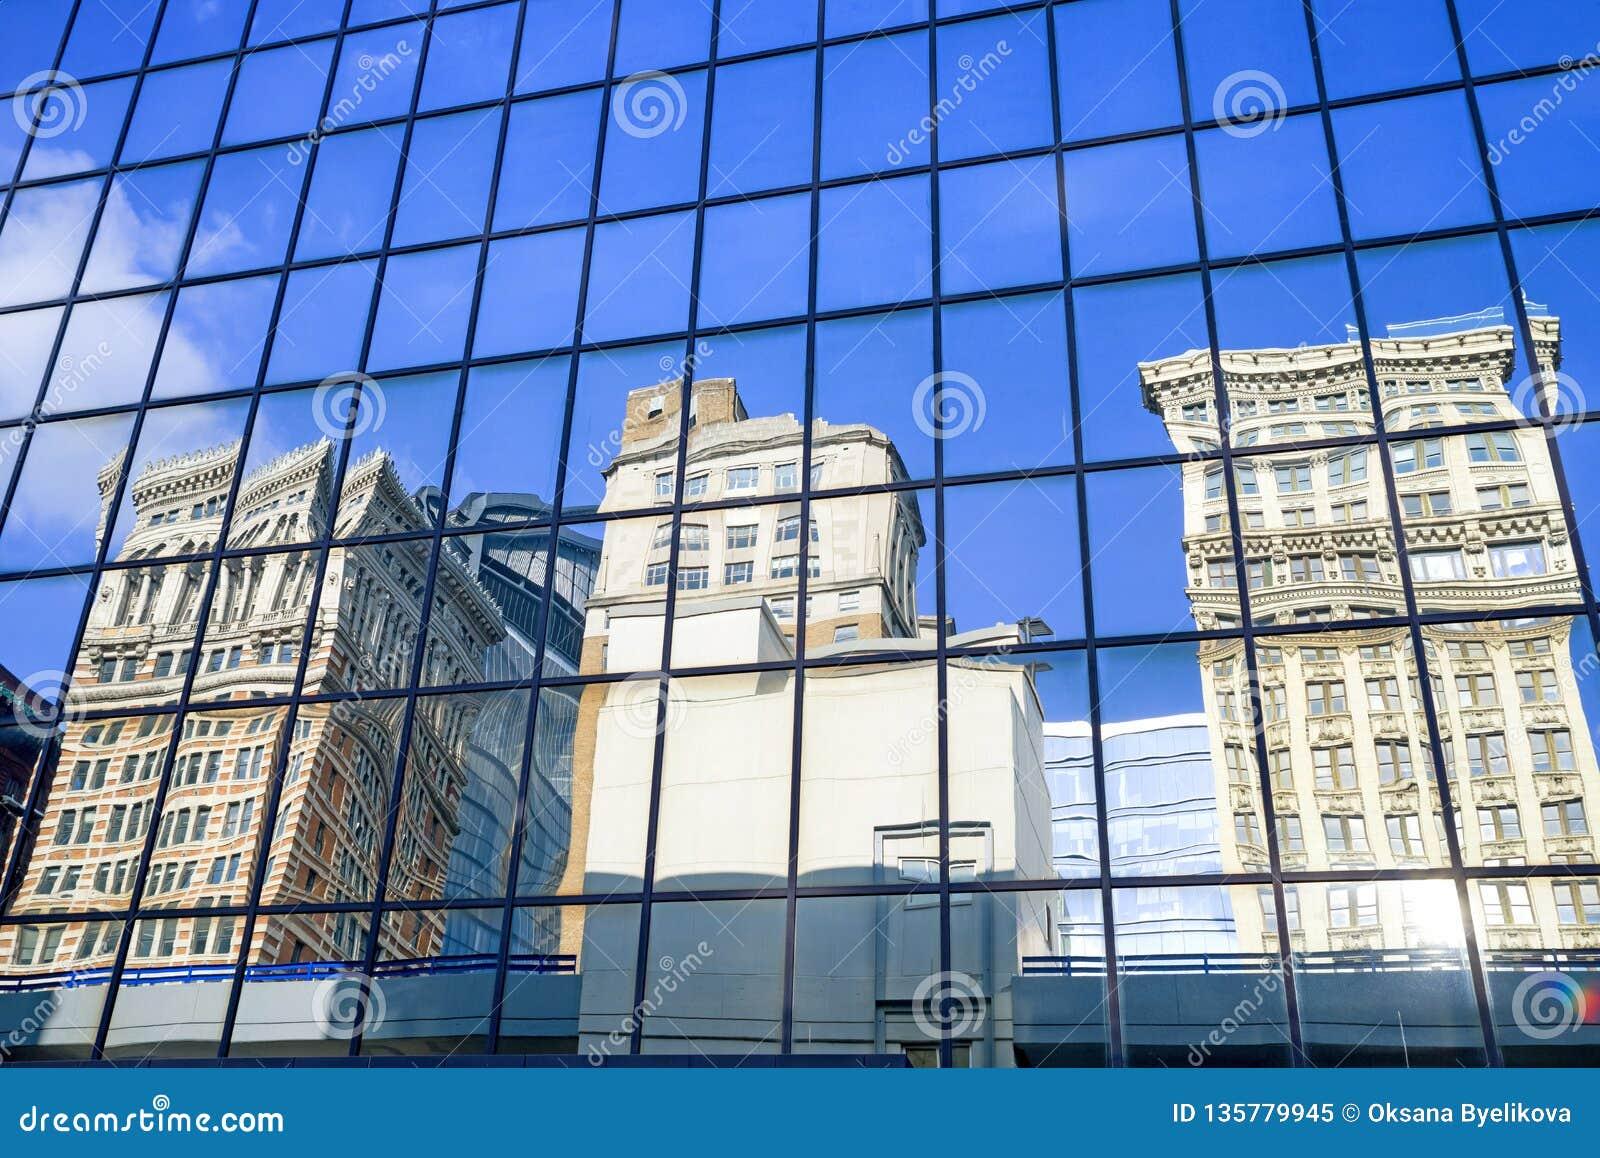 Reflexión de edificios en distrito céntrico financiero en Pittsburgh, Pennsylvania, los E.E.U.U.